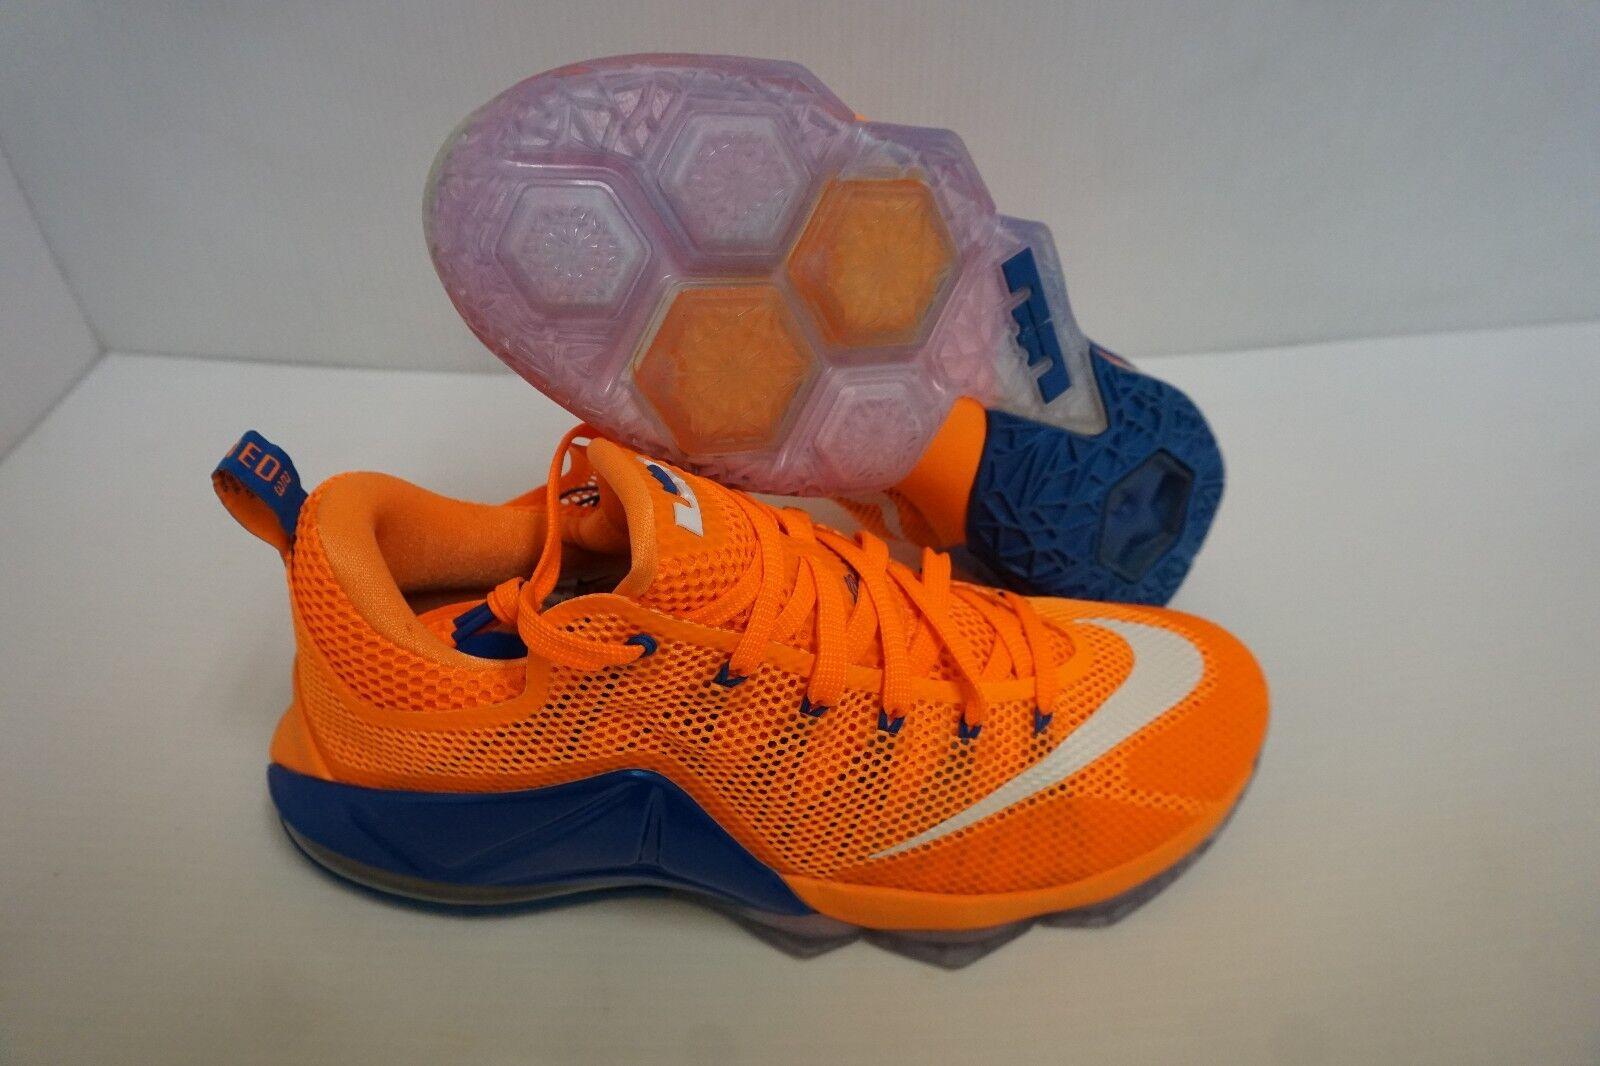 Zapatos de Nike baloncesto Nike de Lebron XII bajo brillante cítricos EE. UU. 60ddca